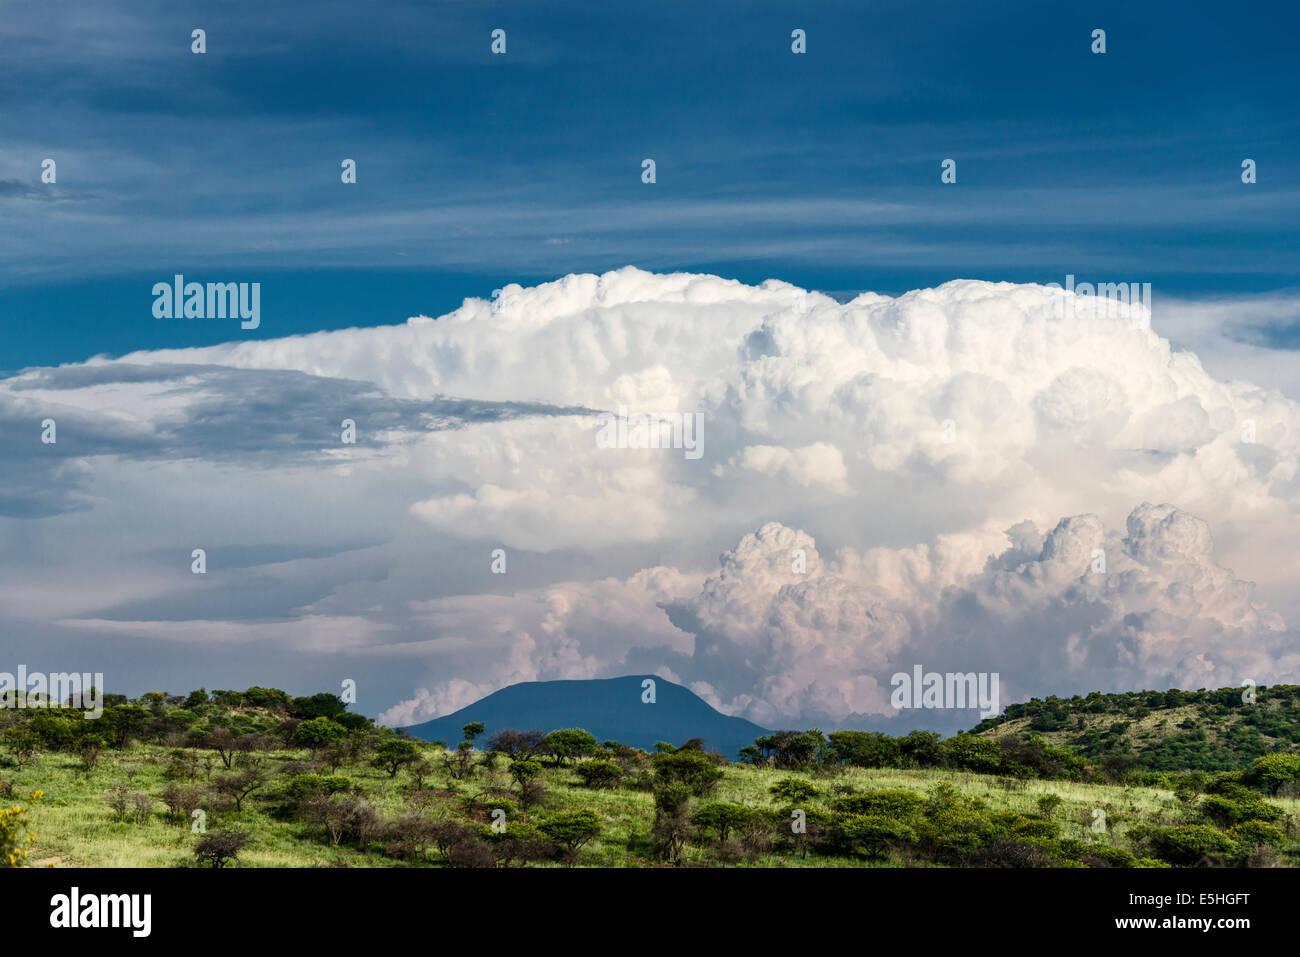 Wolkenformation über Bäumen mit Blick auf den Horizont im Nambiti Reserve, Kwa-Zulu Natal, Südafrika Stockbild